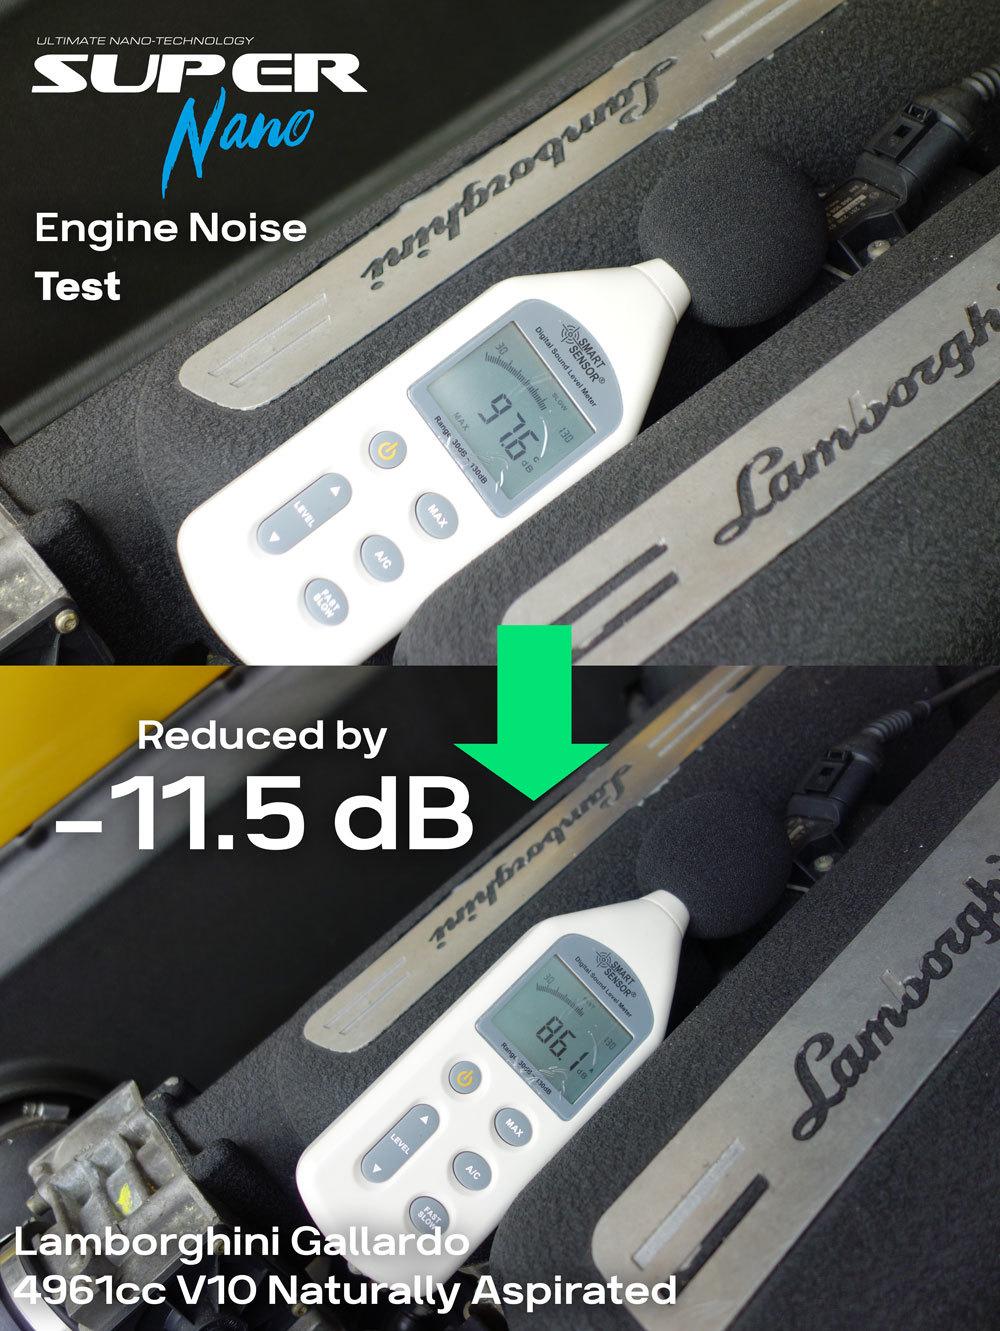 super nano lamborghini gallardo engine noise test engine restorer